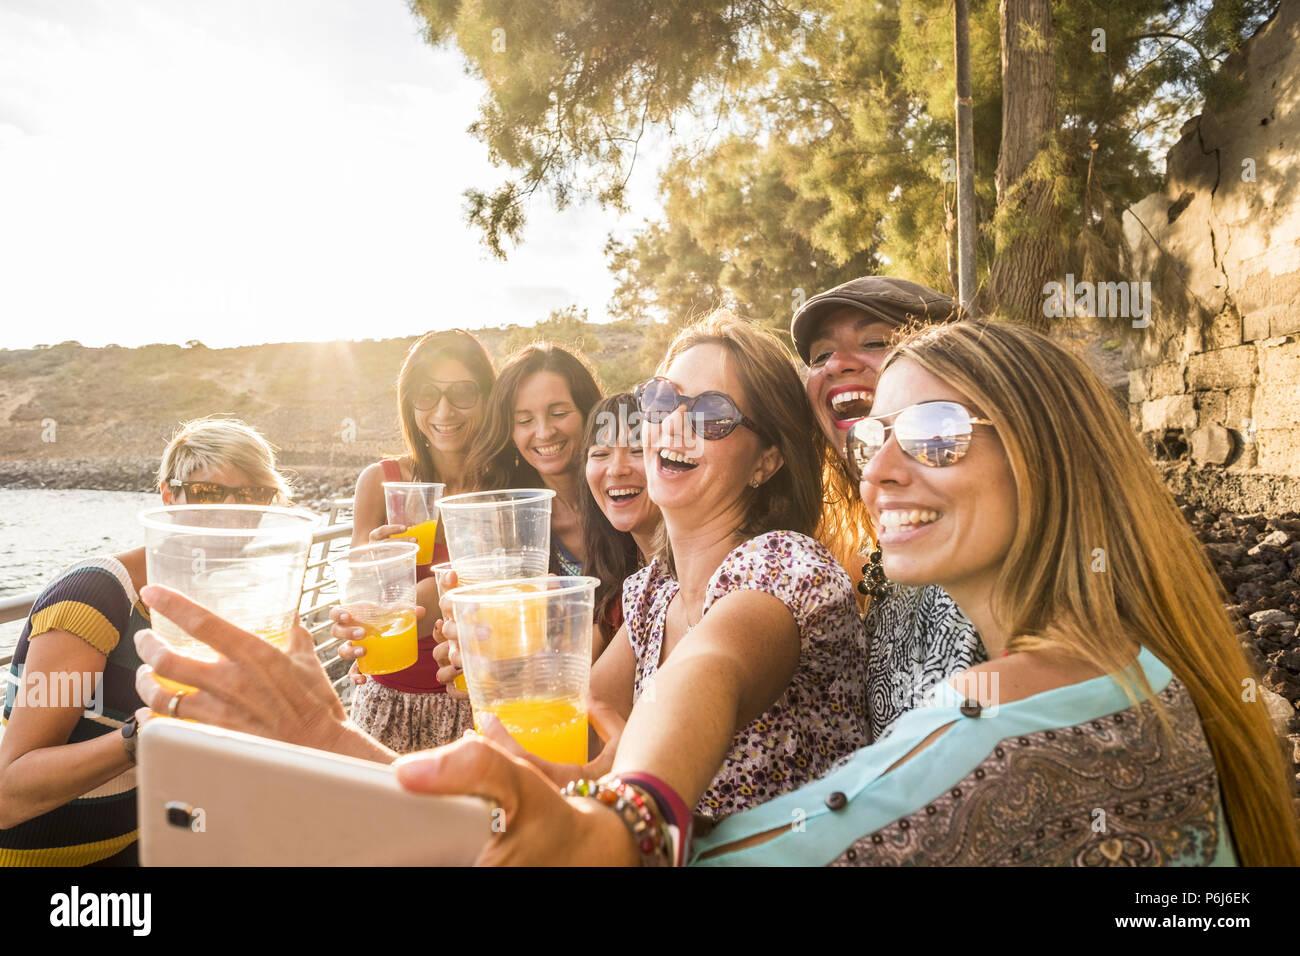 Gruppe der jungen schönen kaukasischen Frau unter selfie in Ferienhäuser Freizeit Aktivitäten im Freien in der Nähe der Strand und das Meer. Sonnenuntergang mit Hintergrundbeleuchtung ein Stockbild